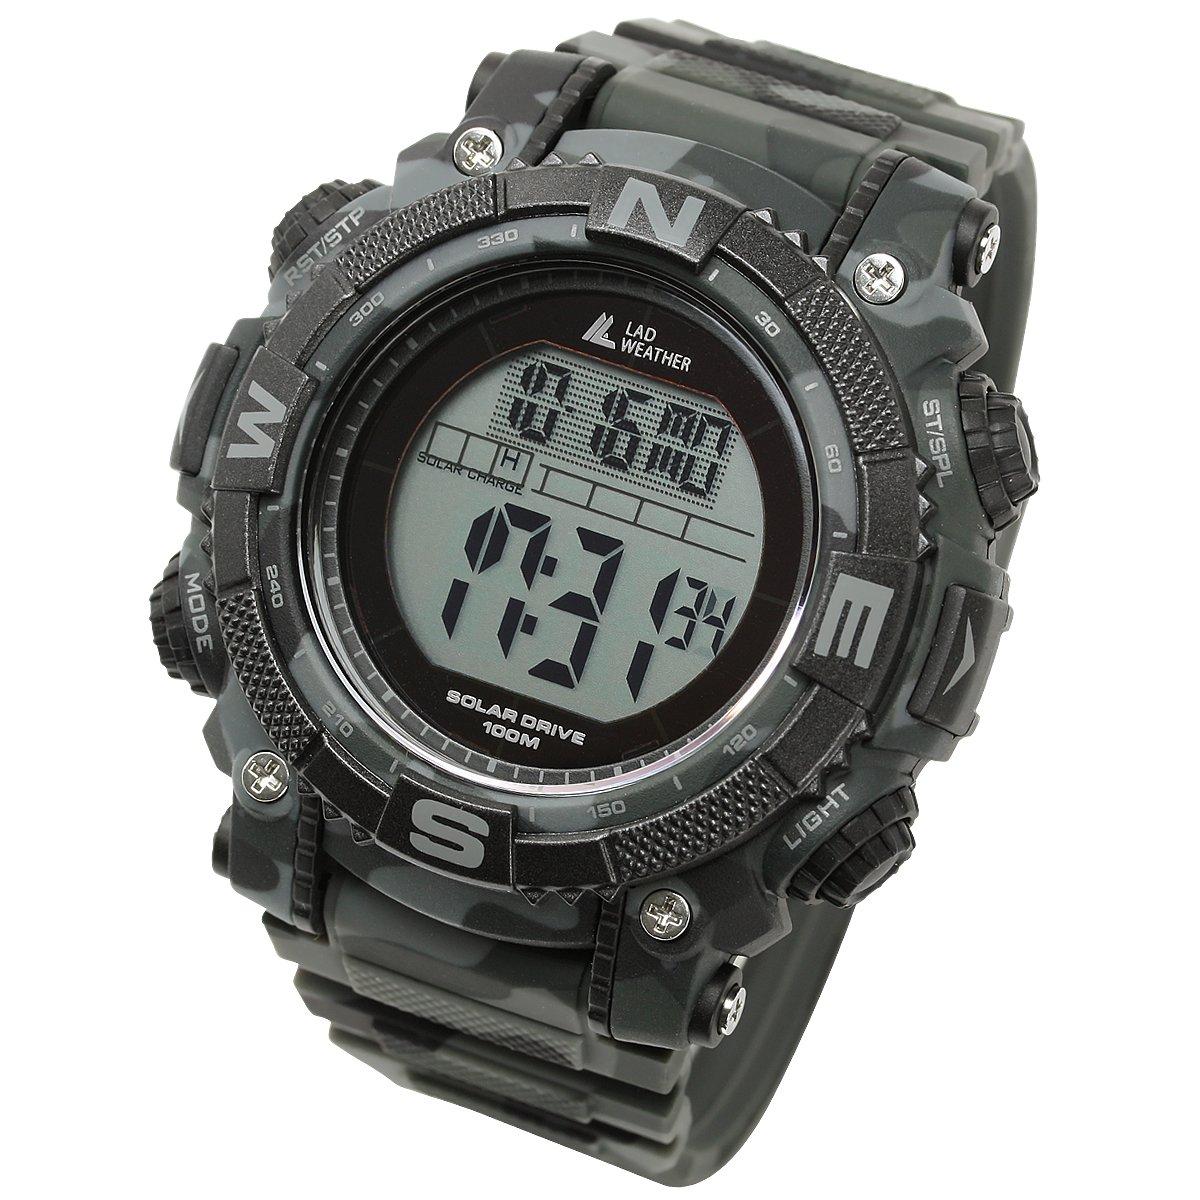 [Lad Weather] Digital reloj potente recargable Solar 100metros resistente al agua militar al aire libre SmartWatch